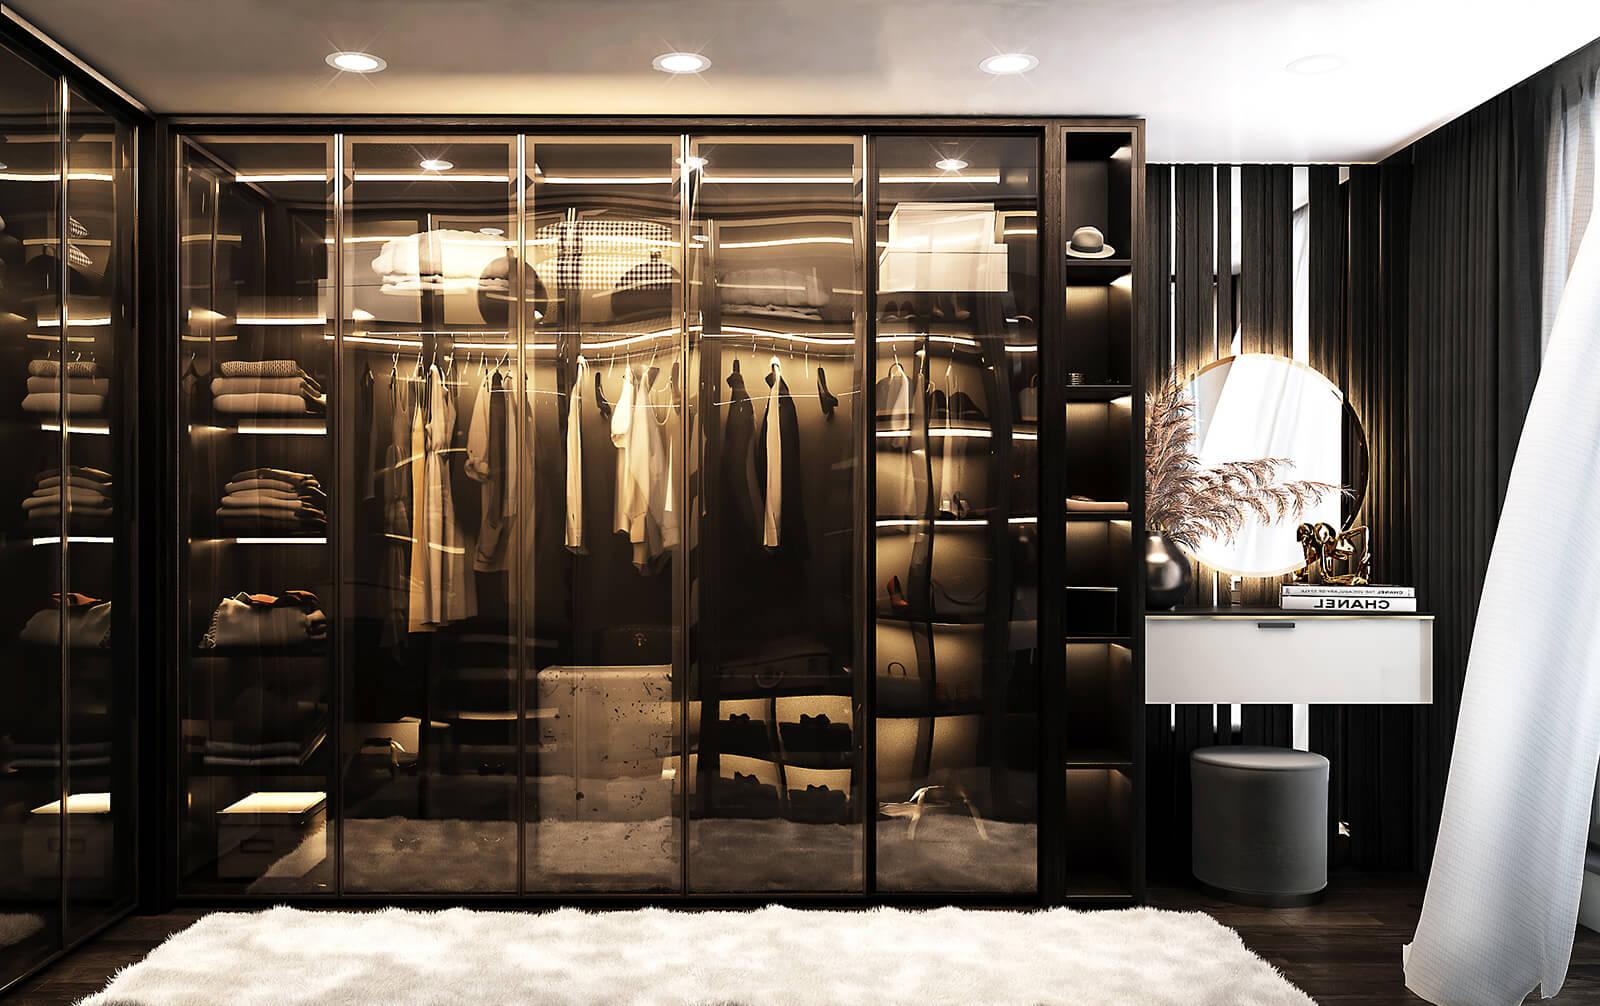 interioren-dizain-proekt-na-luksozna-kashta-garderobna